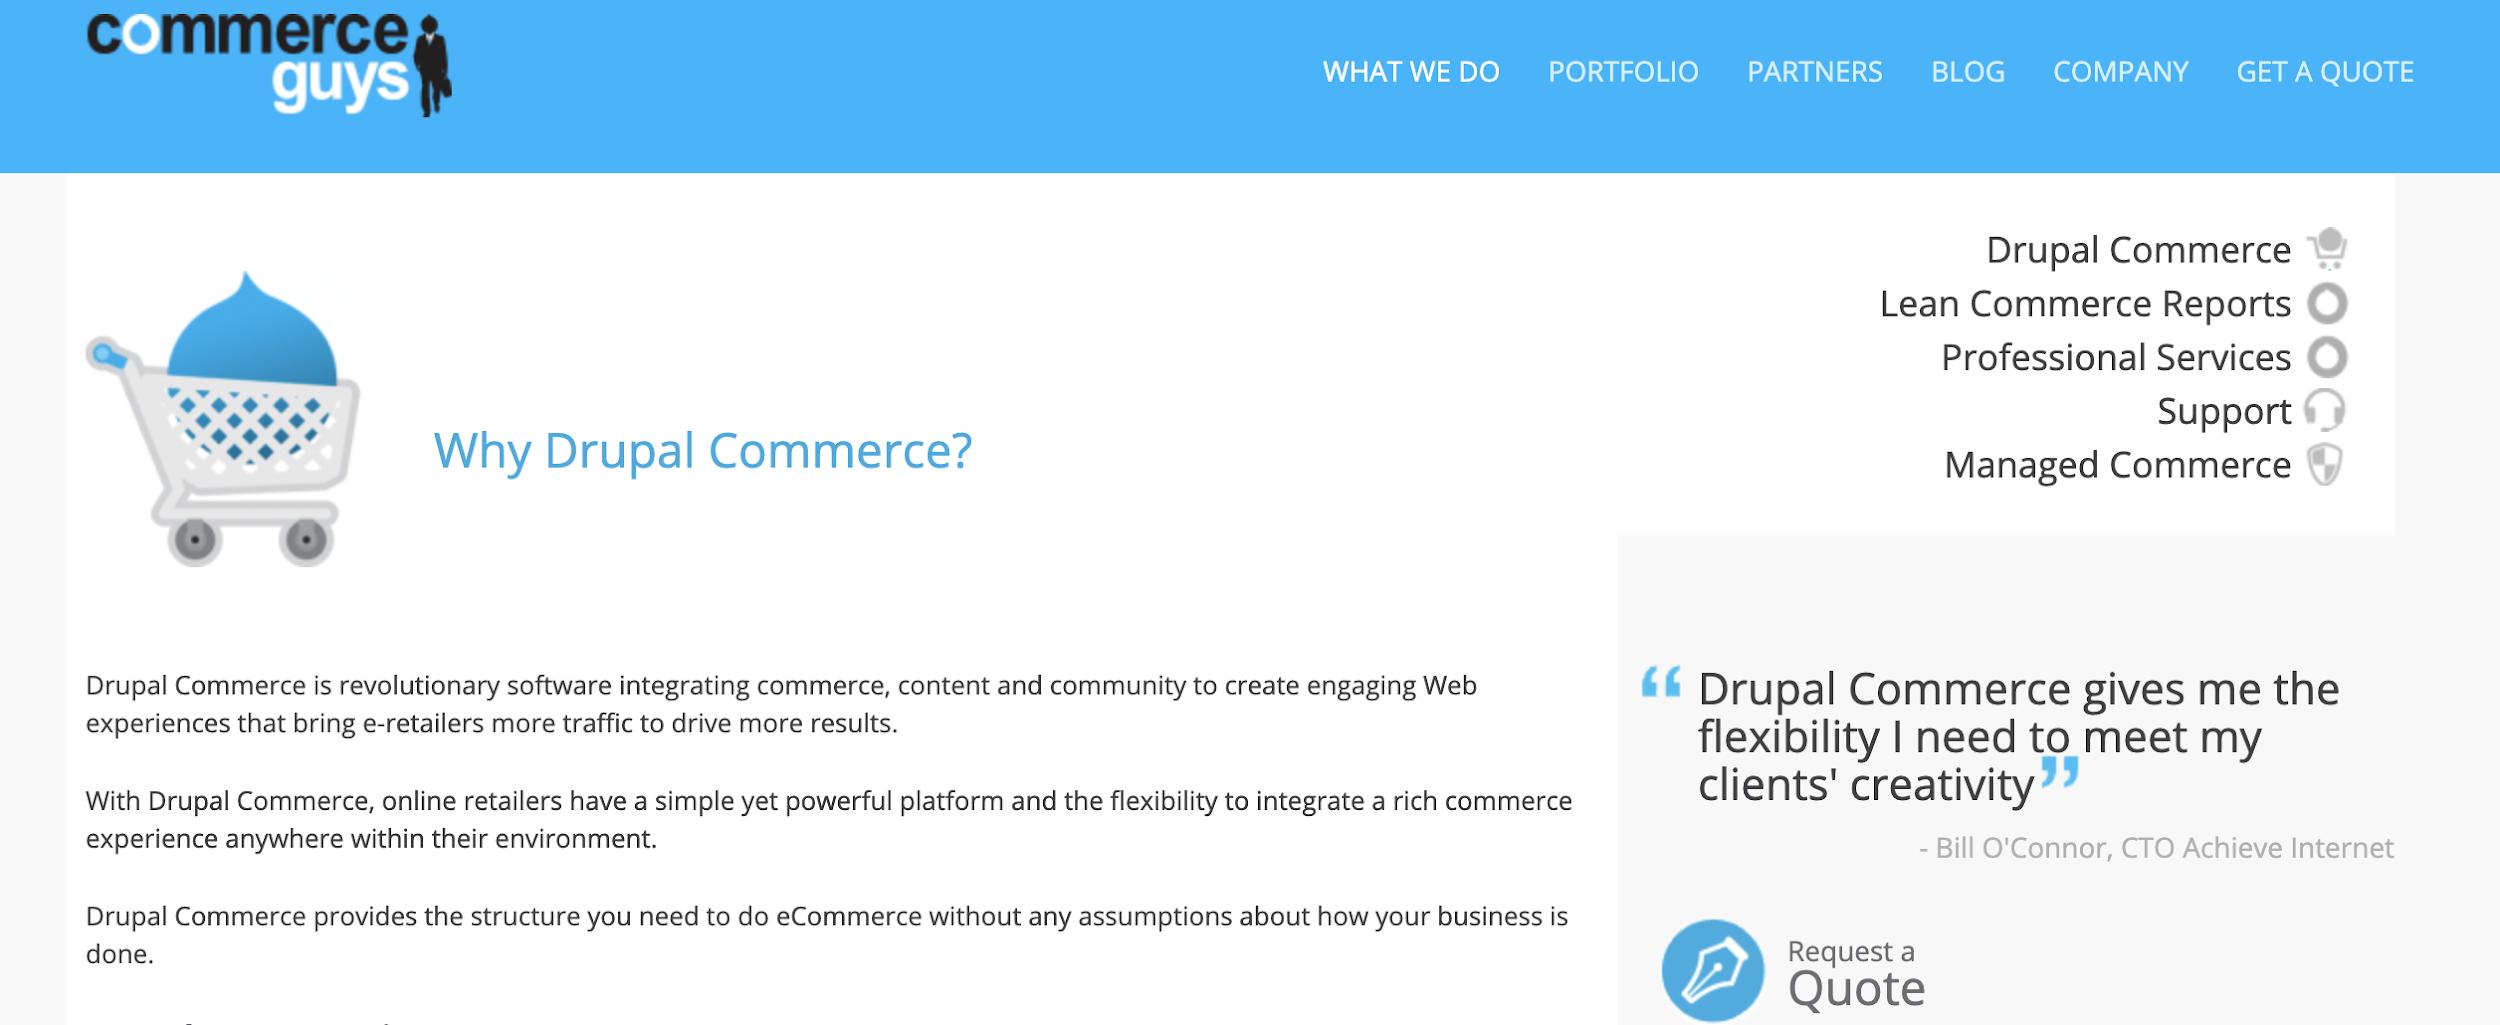 Drupal como exemplo de plataforma de ecommerce